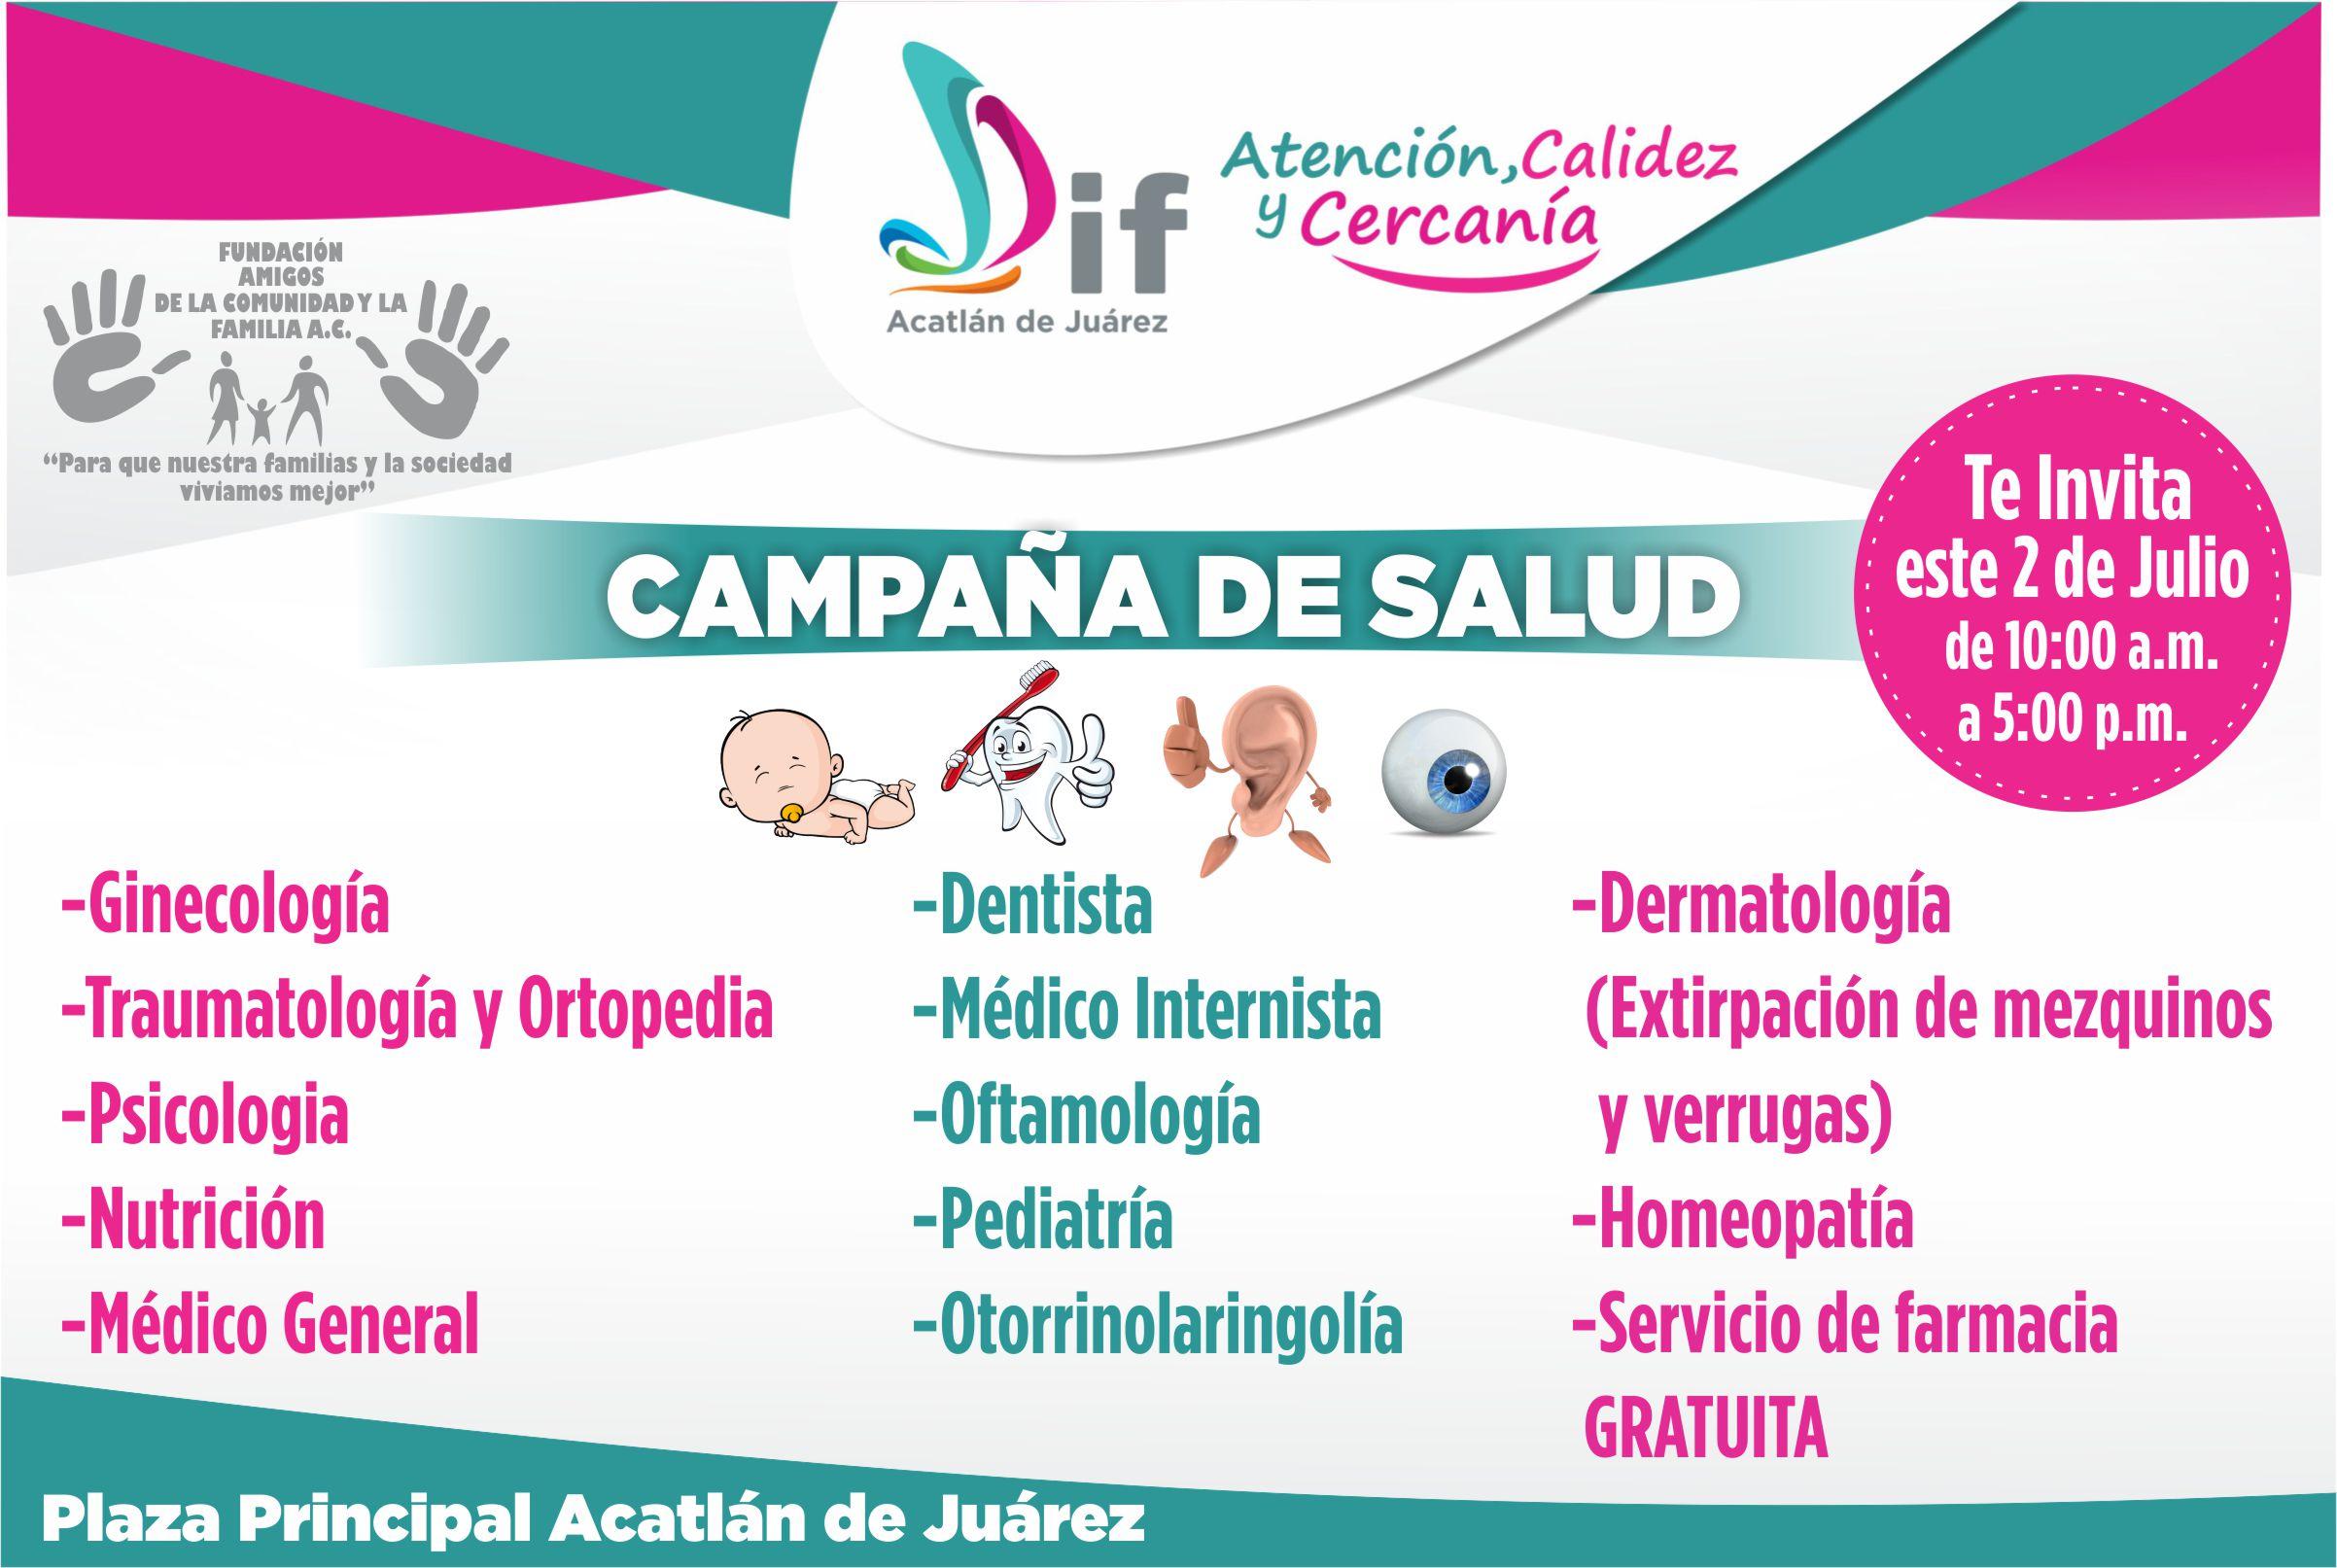 campaña-de-salud-dif-acatlan-de-juarez-2016